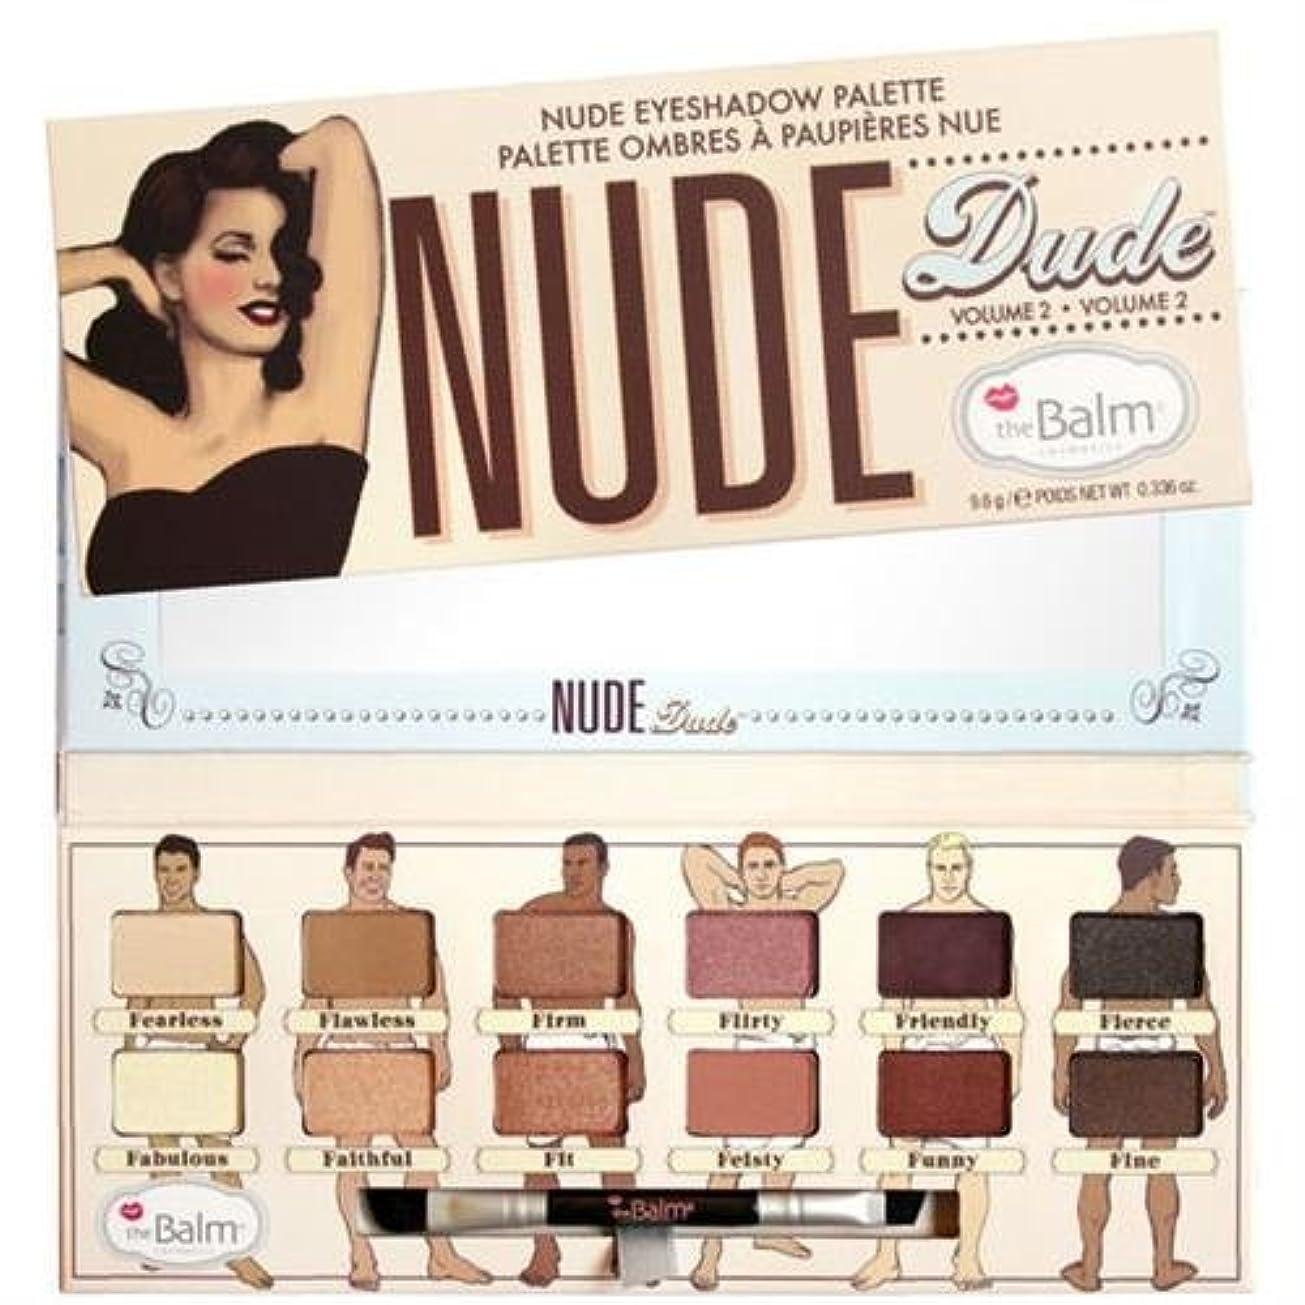 間マルクス主義者吸収Thebalm Nude Dude Nude Eyeshadow Palette (並行輸入品) [並行輸入品]